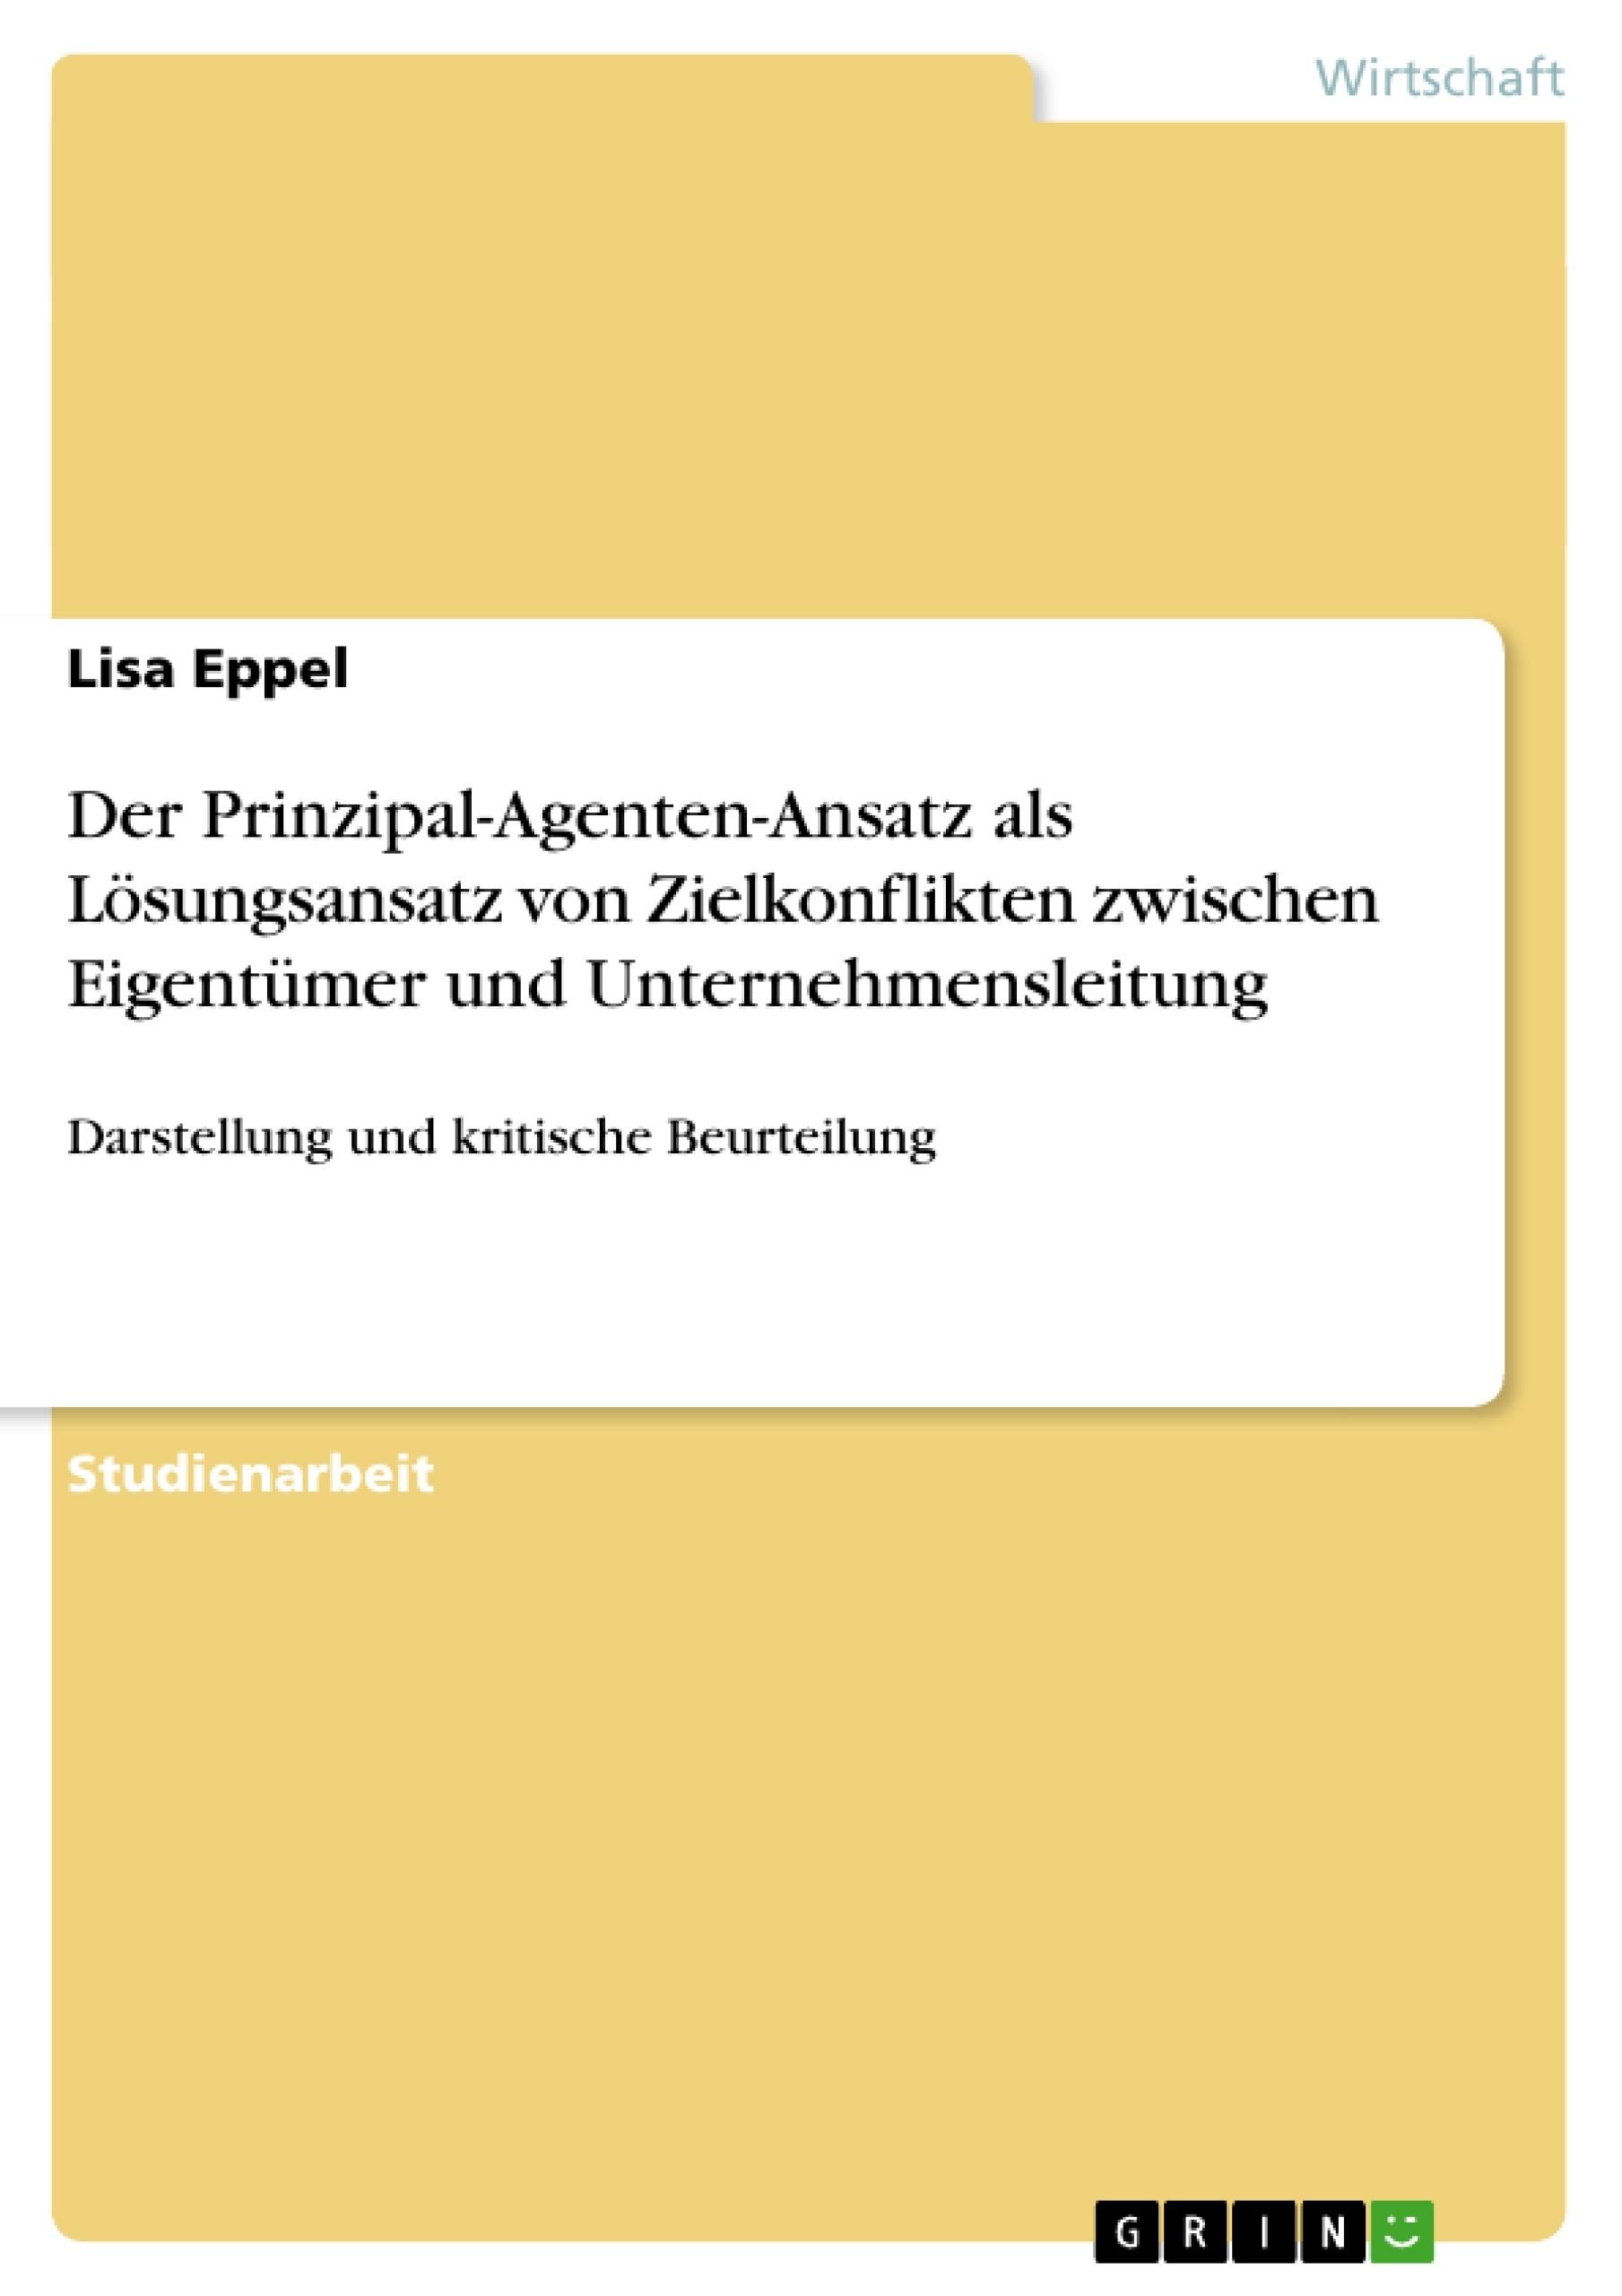 Titel: Der Prinzipal-Agenten-Ansatz als Lösungsansatz von Zielkonflikten zwischen Eigentümer und Unternehmensleitung